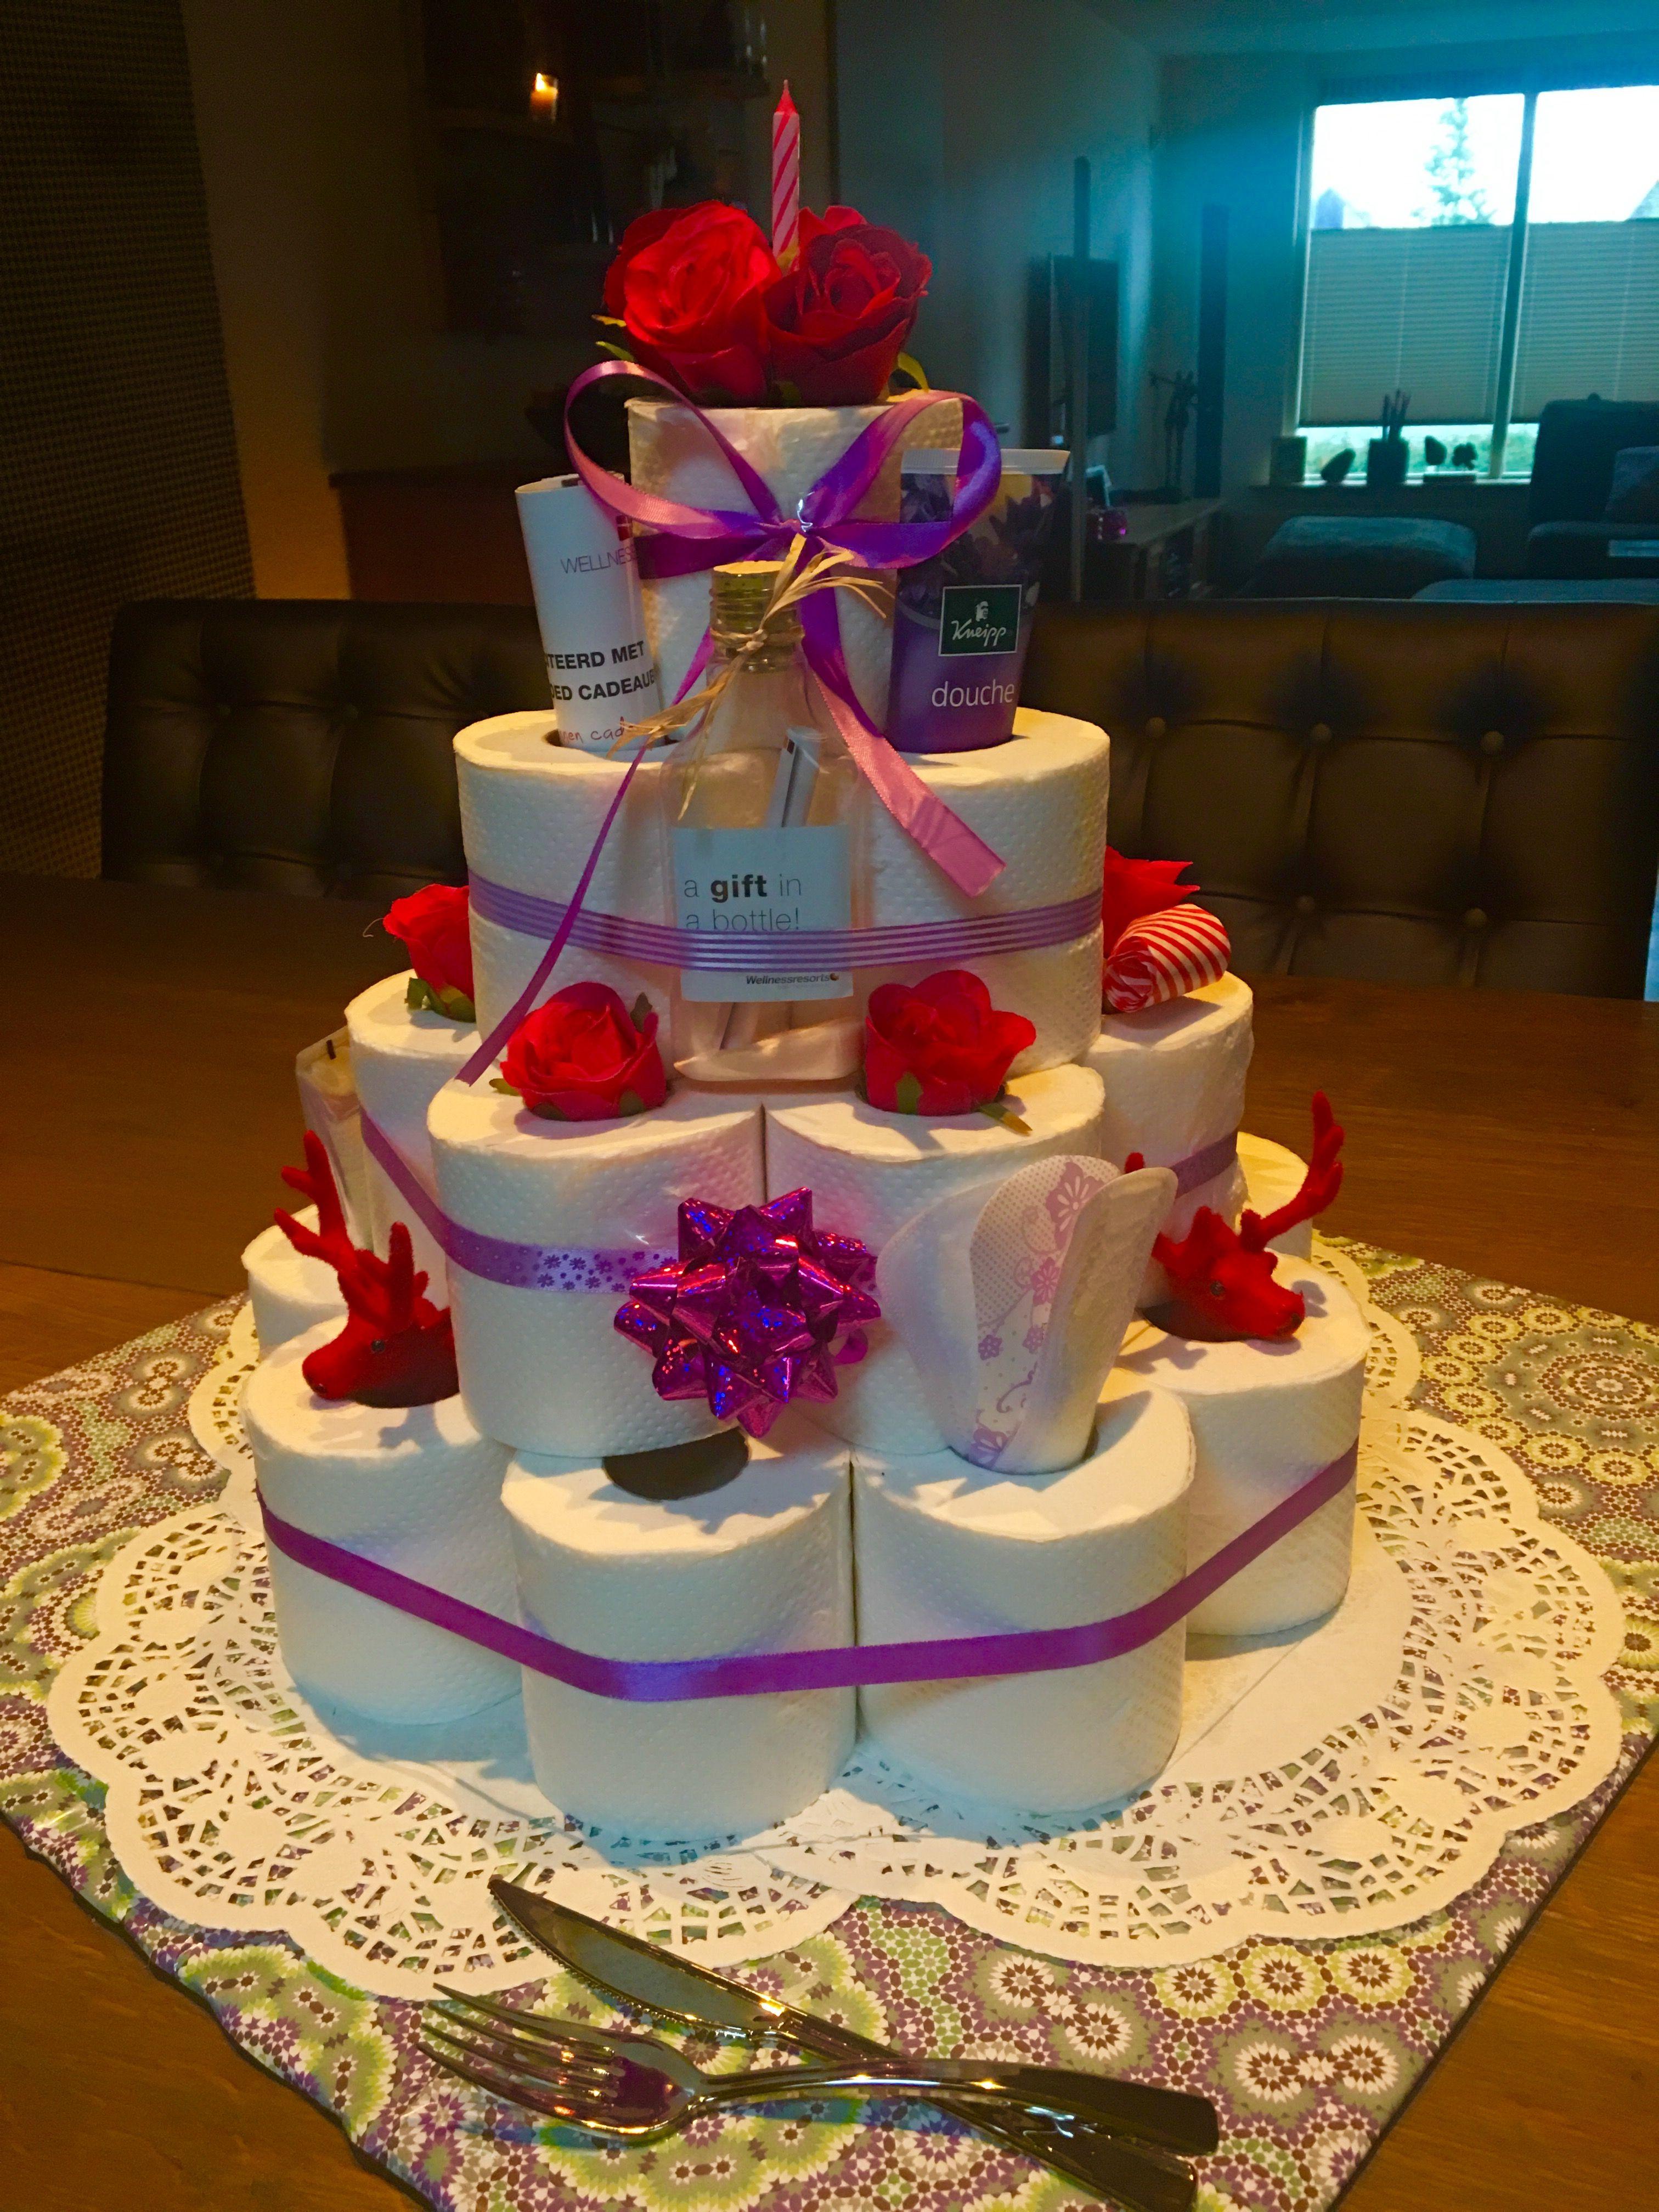 knutselen voor sarah 50 jaar Schijt aan mijn leeftijd taart * 50 jaar * Sarah * cadeau  knutselen voor sarah 50 jaar